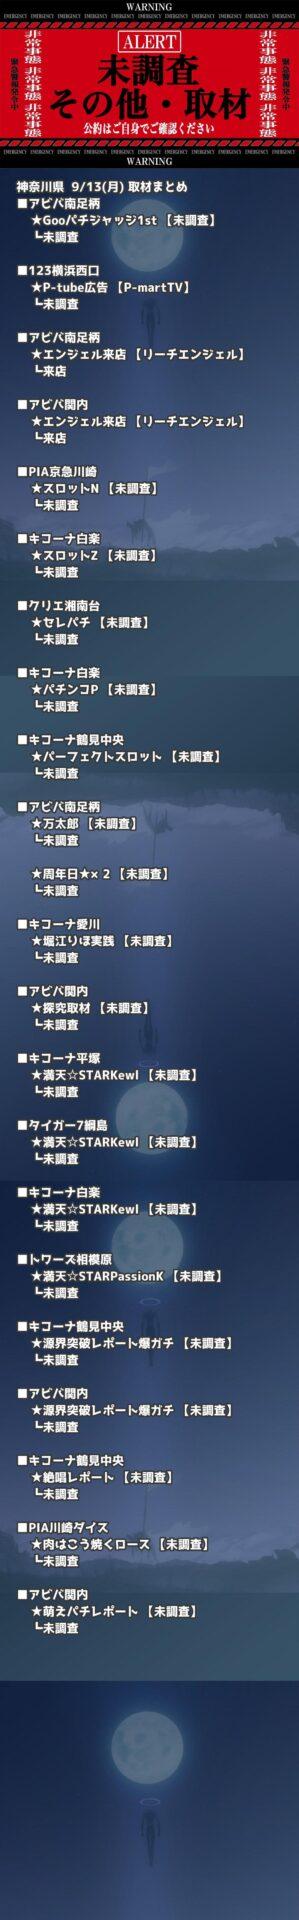 神奈川県_2021-09-13_未調査_パチンコ・パチスロ